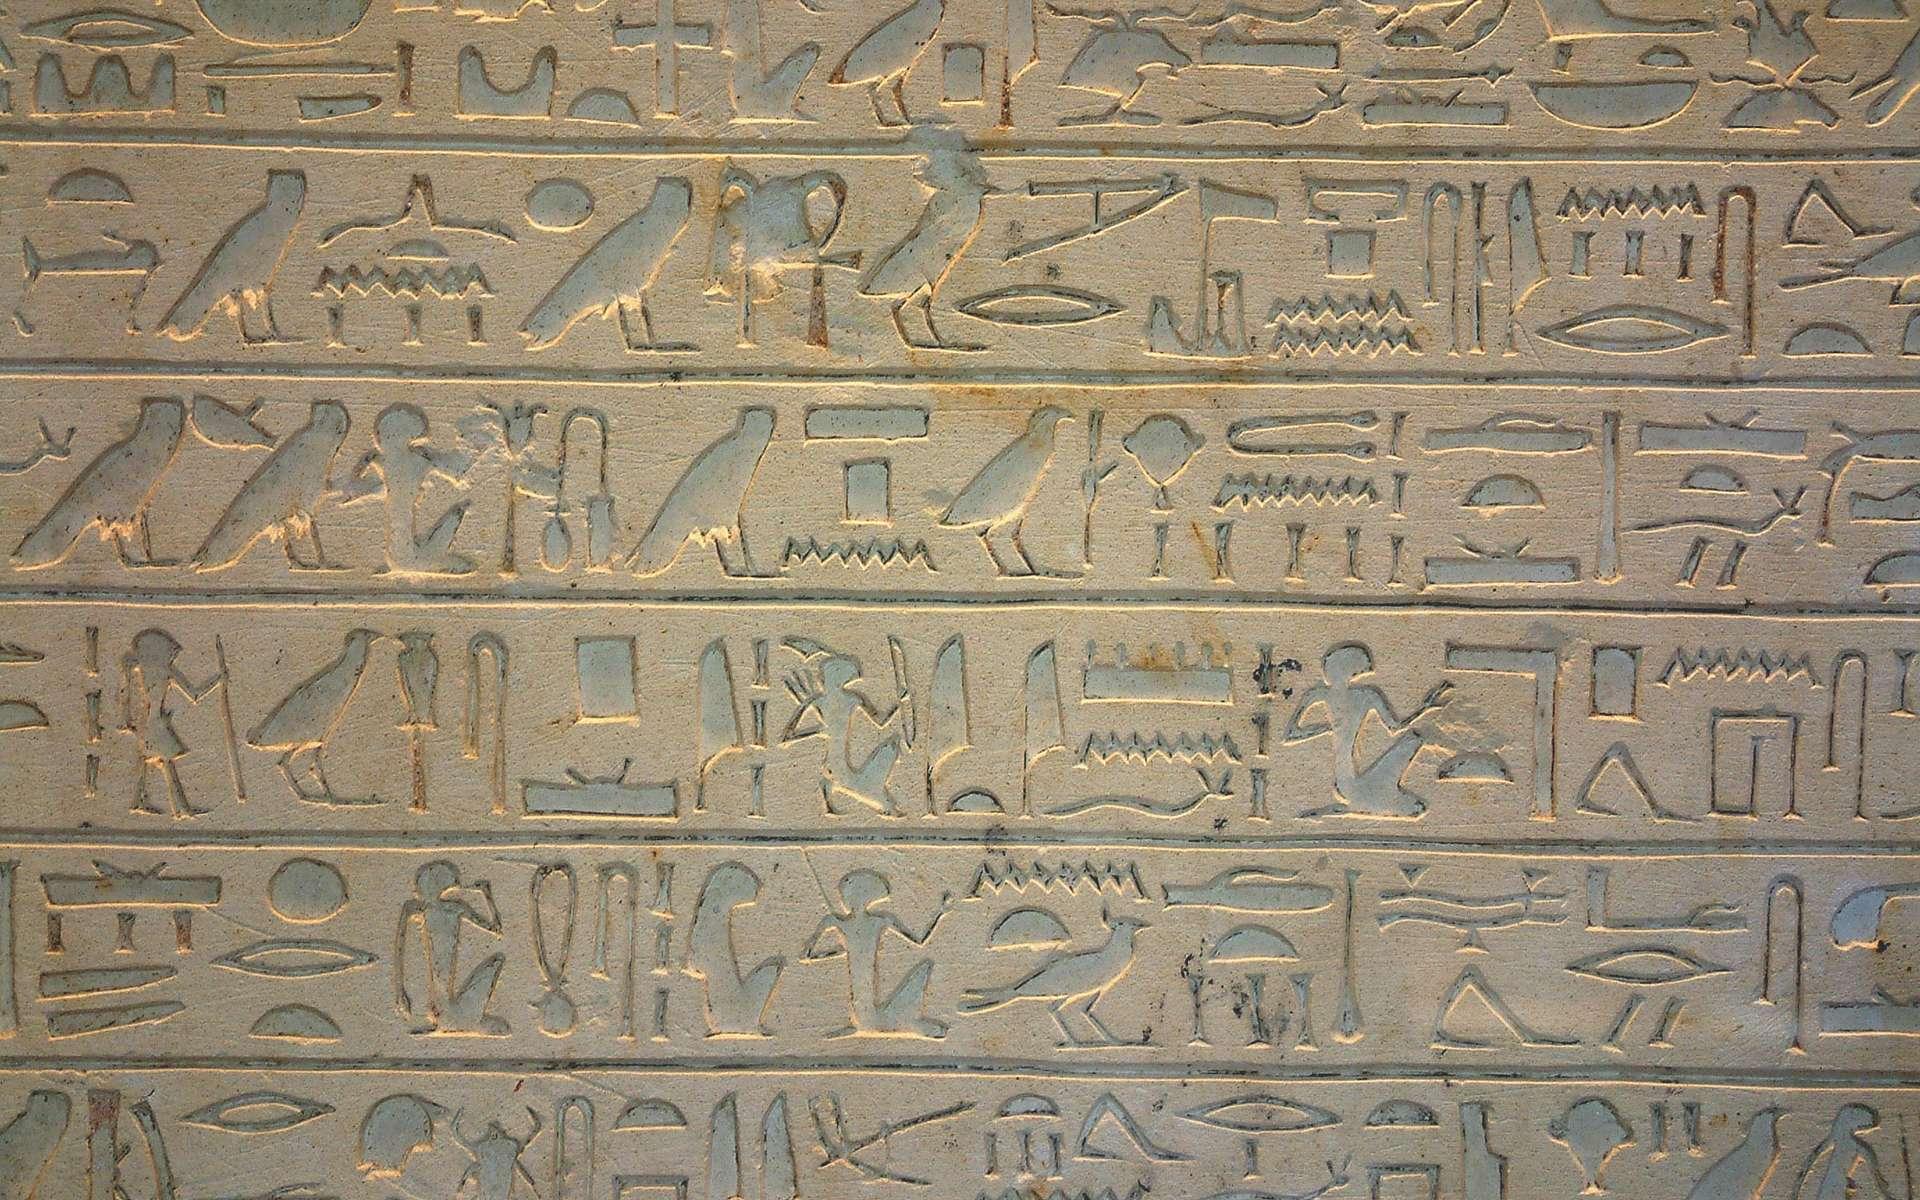 Comment les Égyptiens s'y prenaient-ils pour faire une multiplication ? Hiéroglyphes. Stèle exposée au Musée du Louvre, Paris. © Guillaume Blanchard, Wikimedias Commons, CC by-sa 3.0